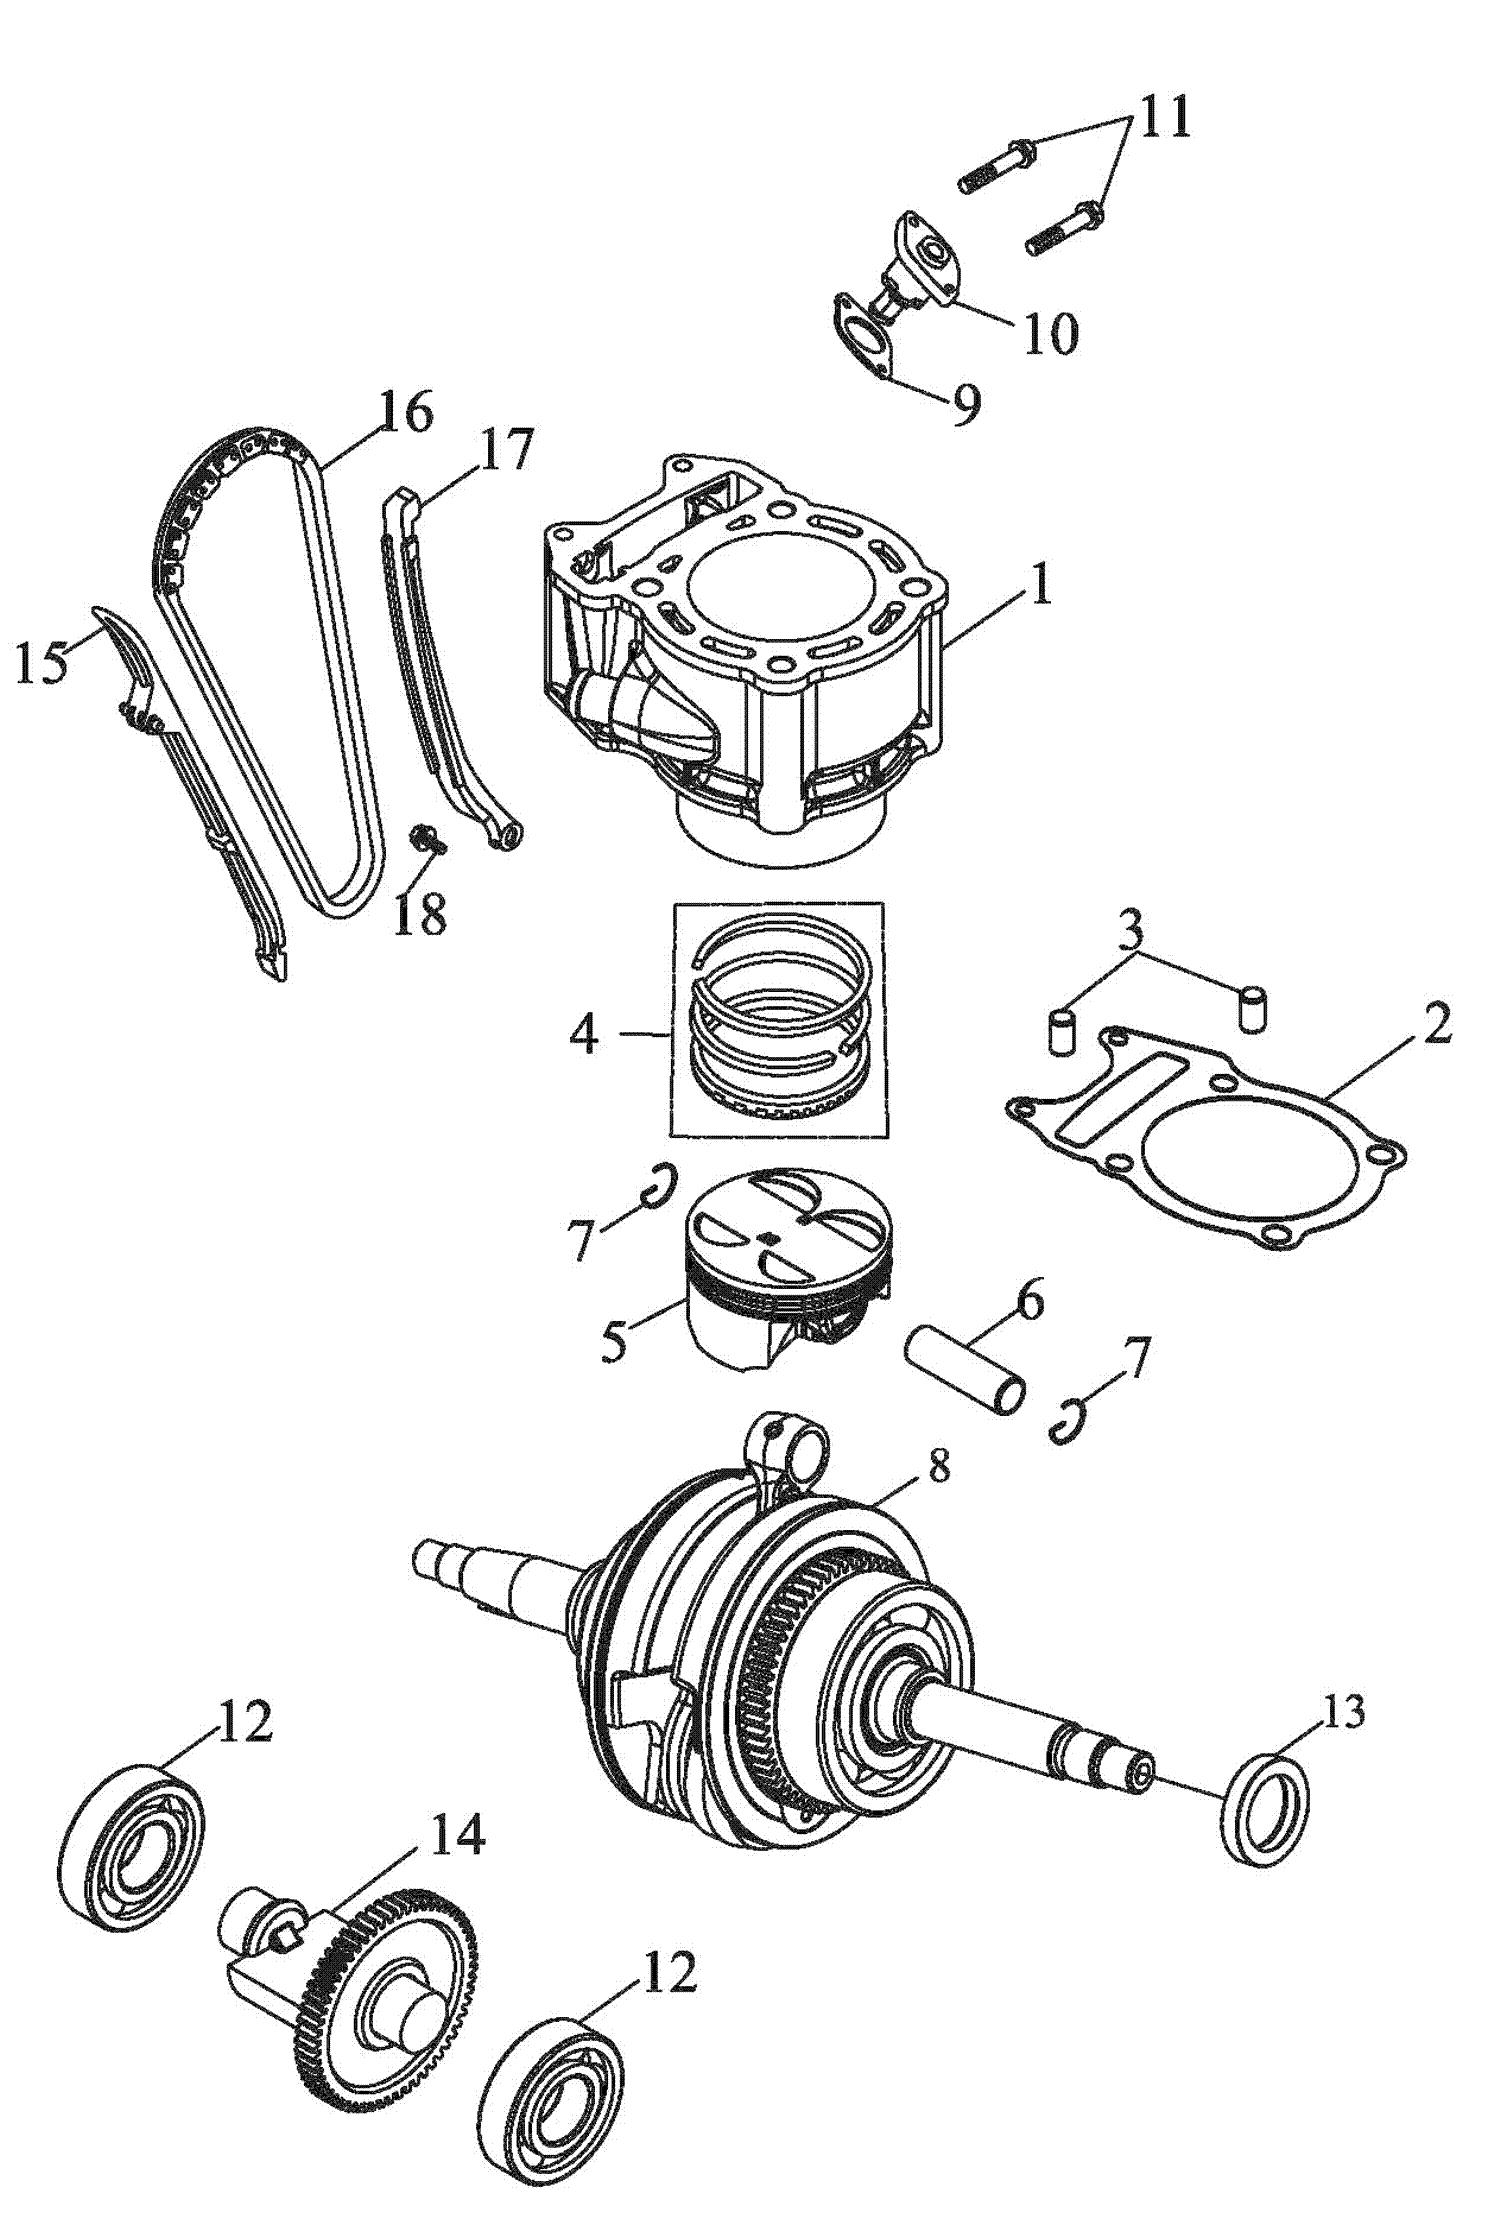 Zylinder, Kolben, Kurbelwelle